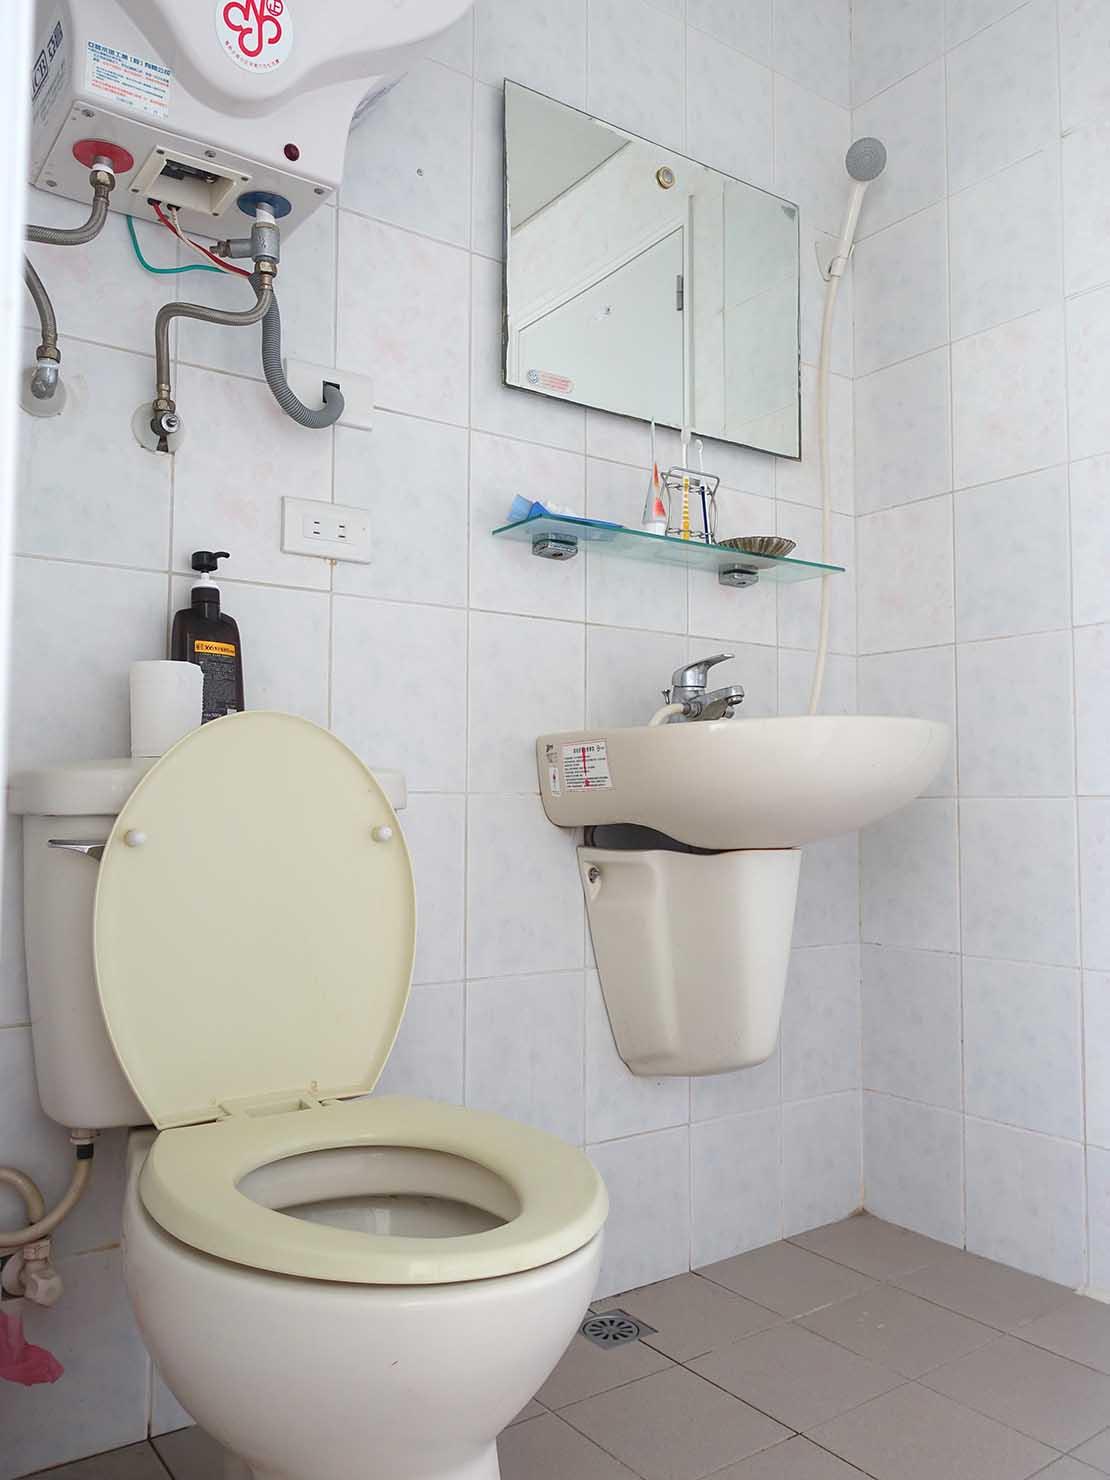 台北で台湾人彼氏と僕がルームシェアしている部屋のバスルーム